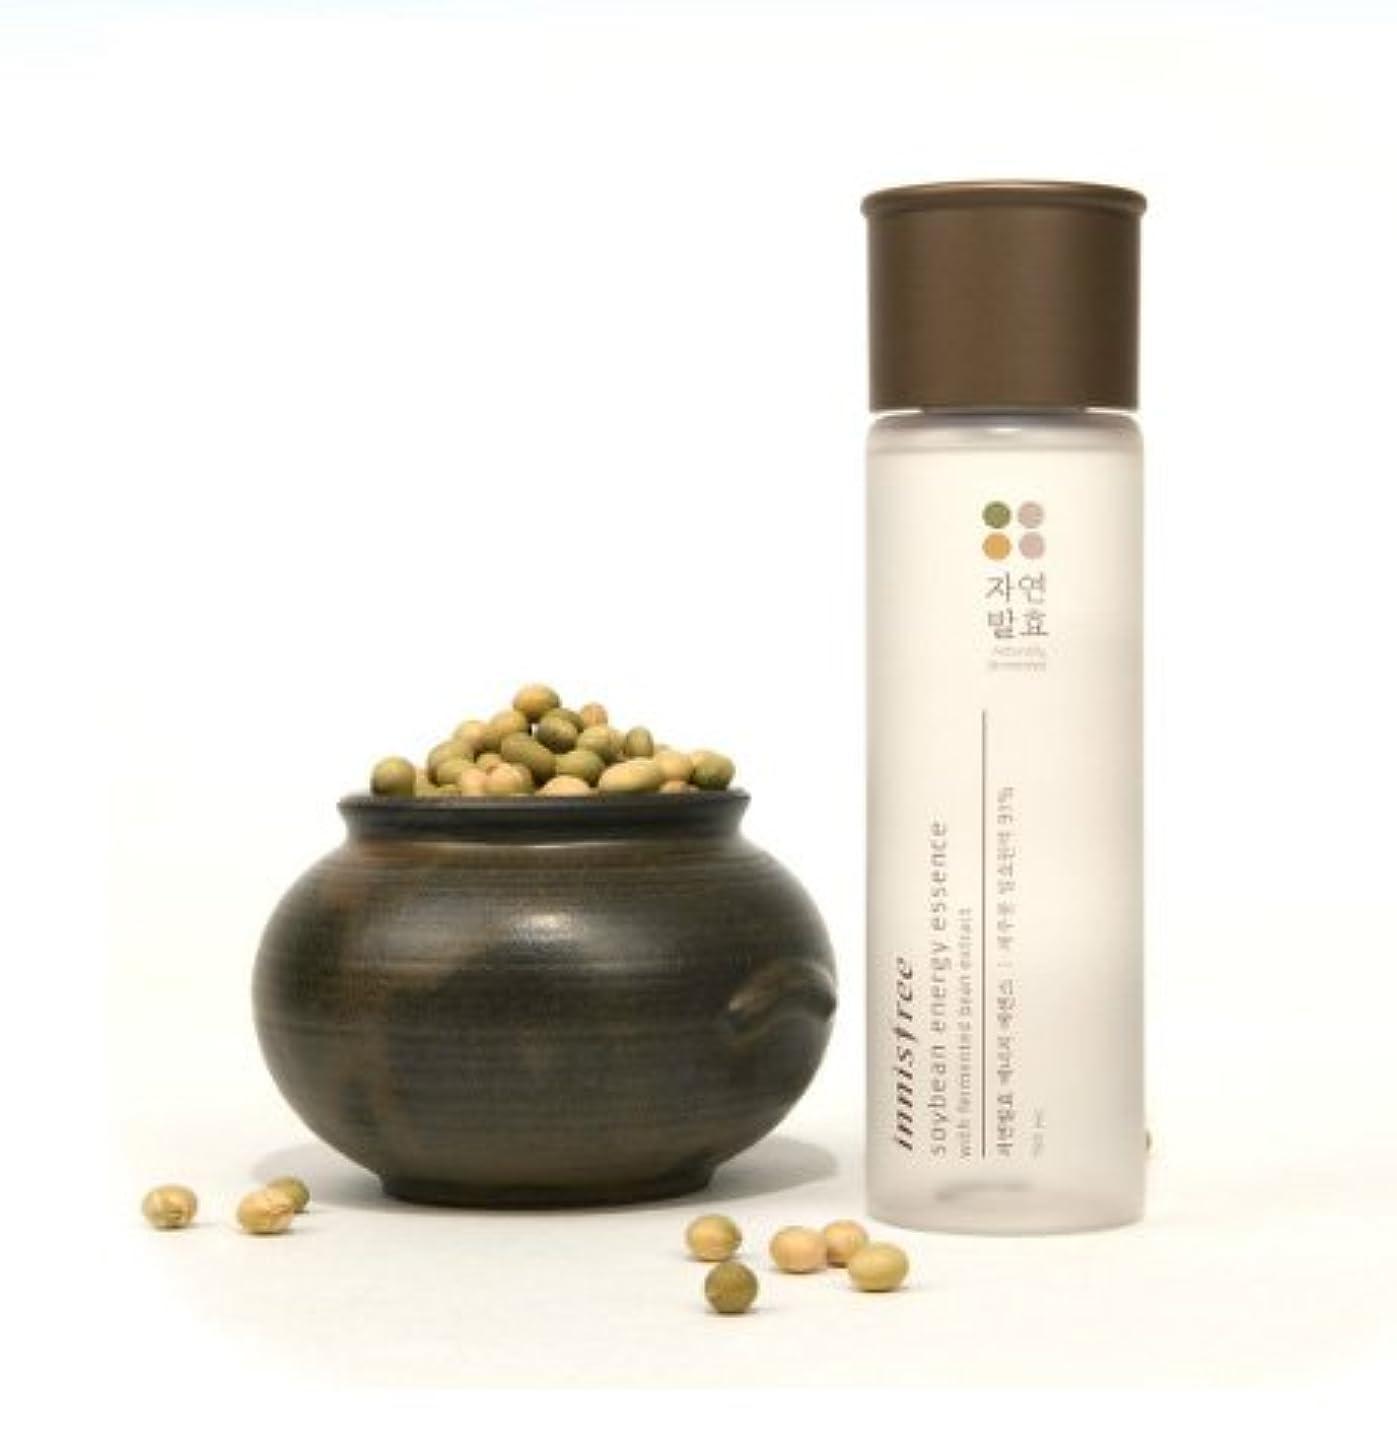 (Innisfree イニスフリー) Soybean energy essence 自然発酵 エナジー エッセンス 美容液 肌のバリア機能を強化し、健やかでパワーあふれる肌へ導くトータルケアブースター美容液